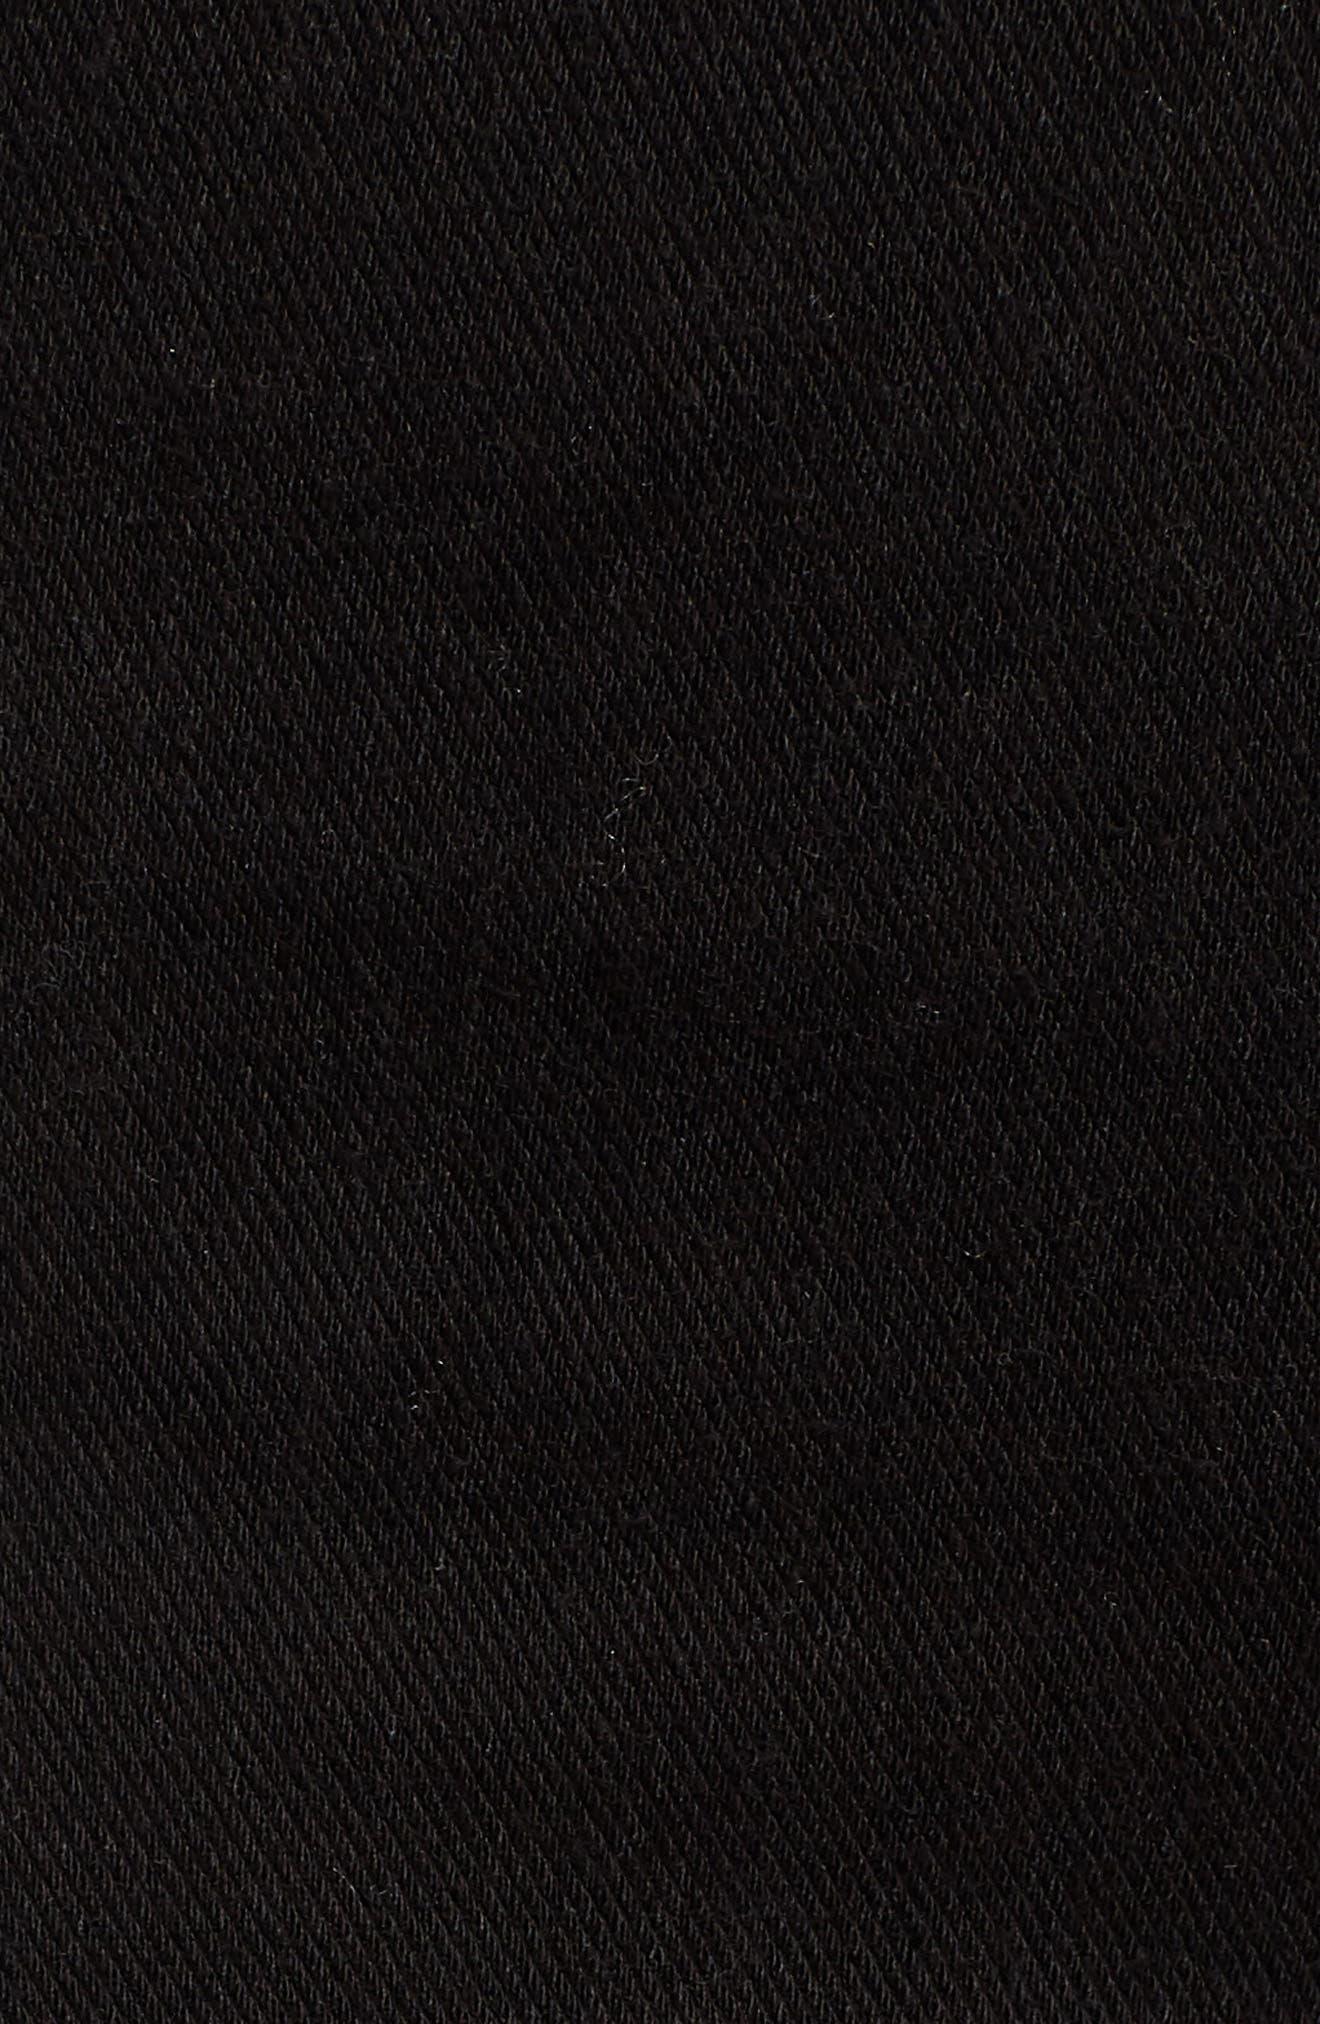 Step Hem Denim Leggings,                             Alternate thumbnail 6, color,                             BLACK